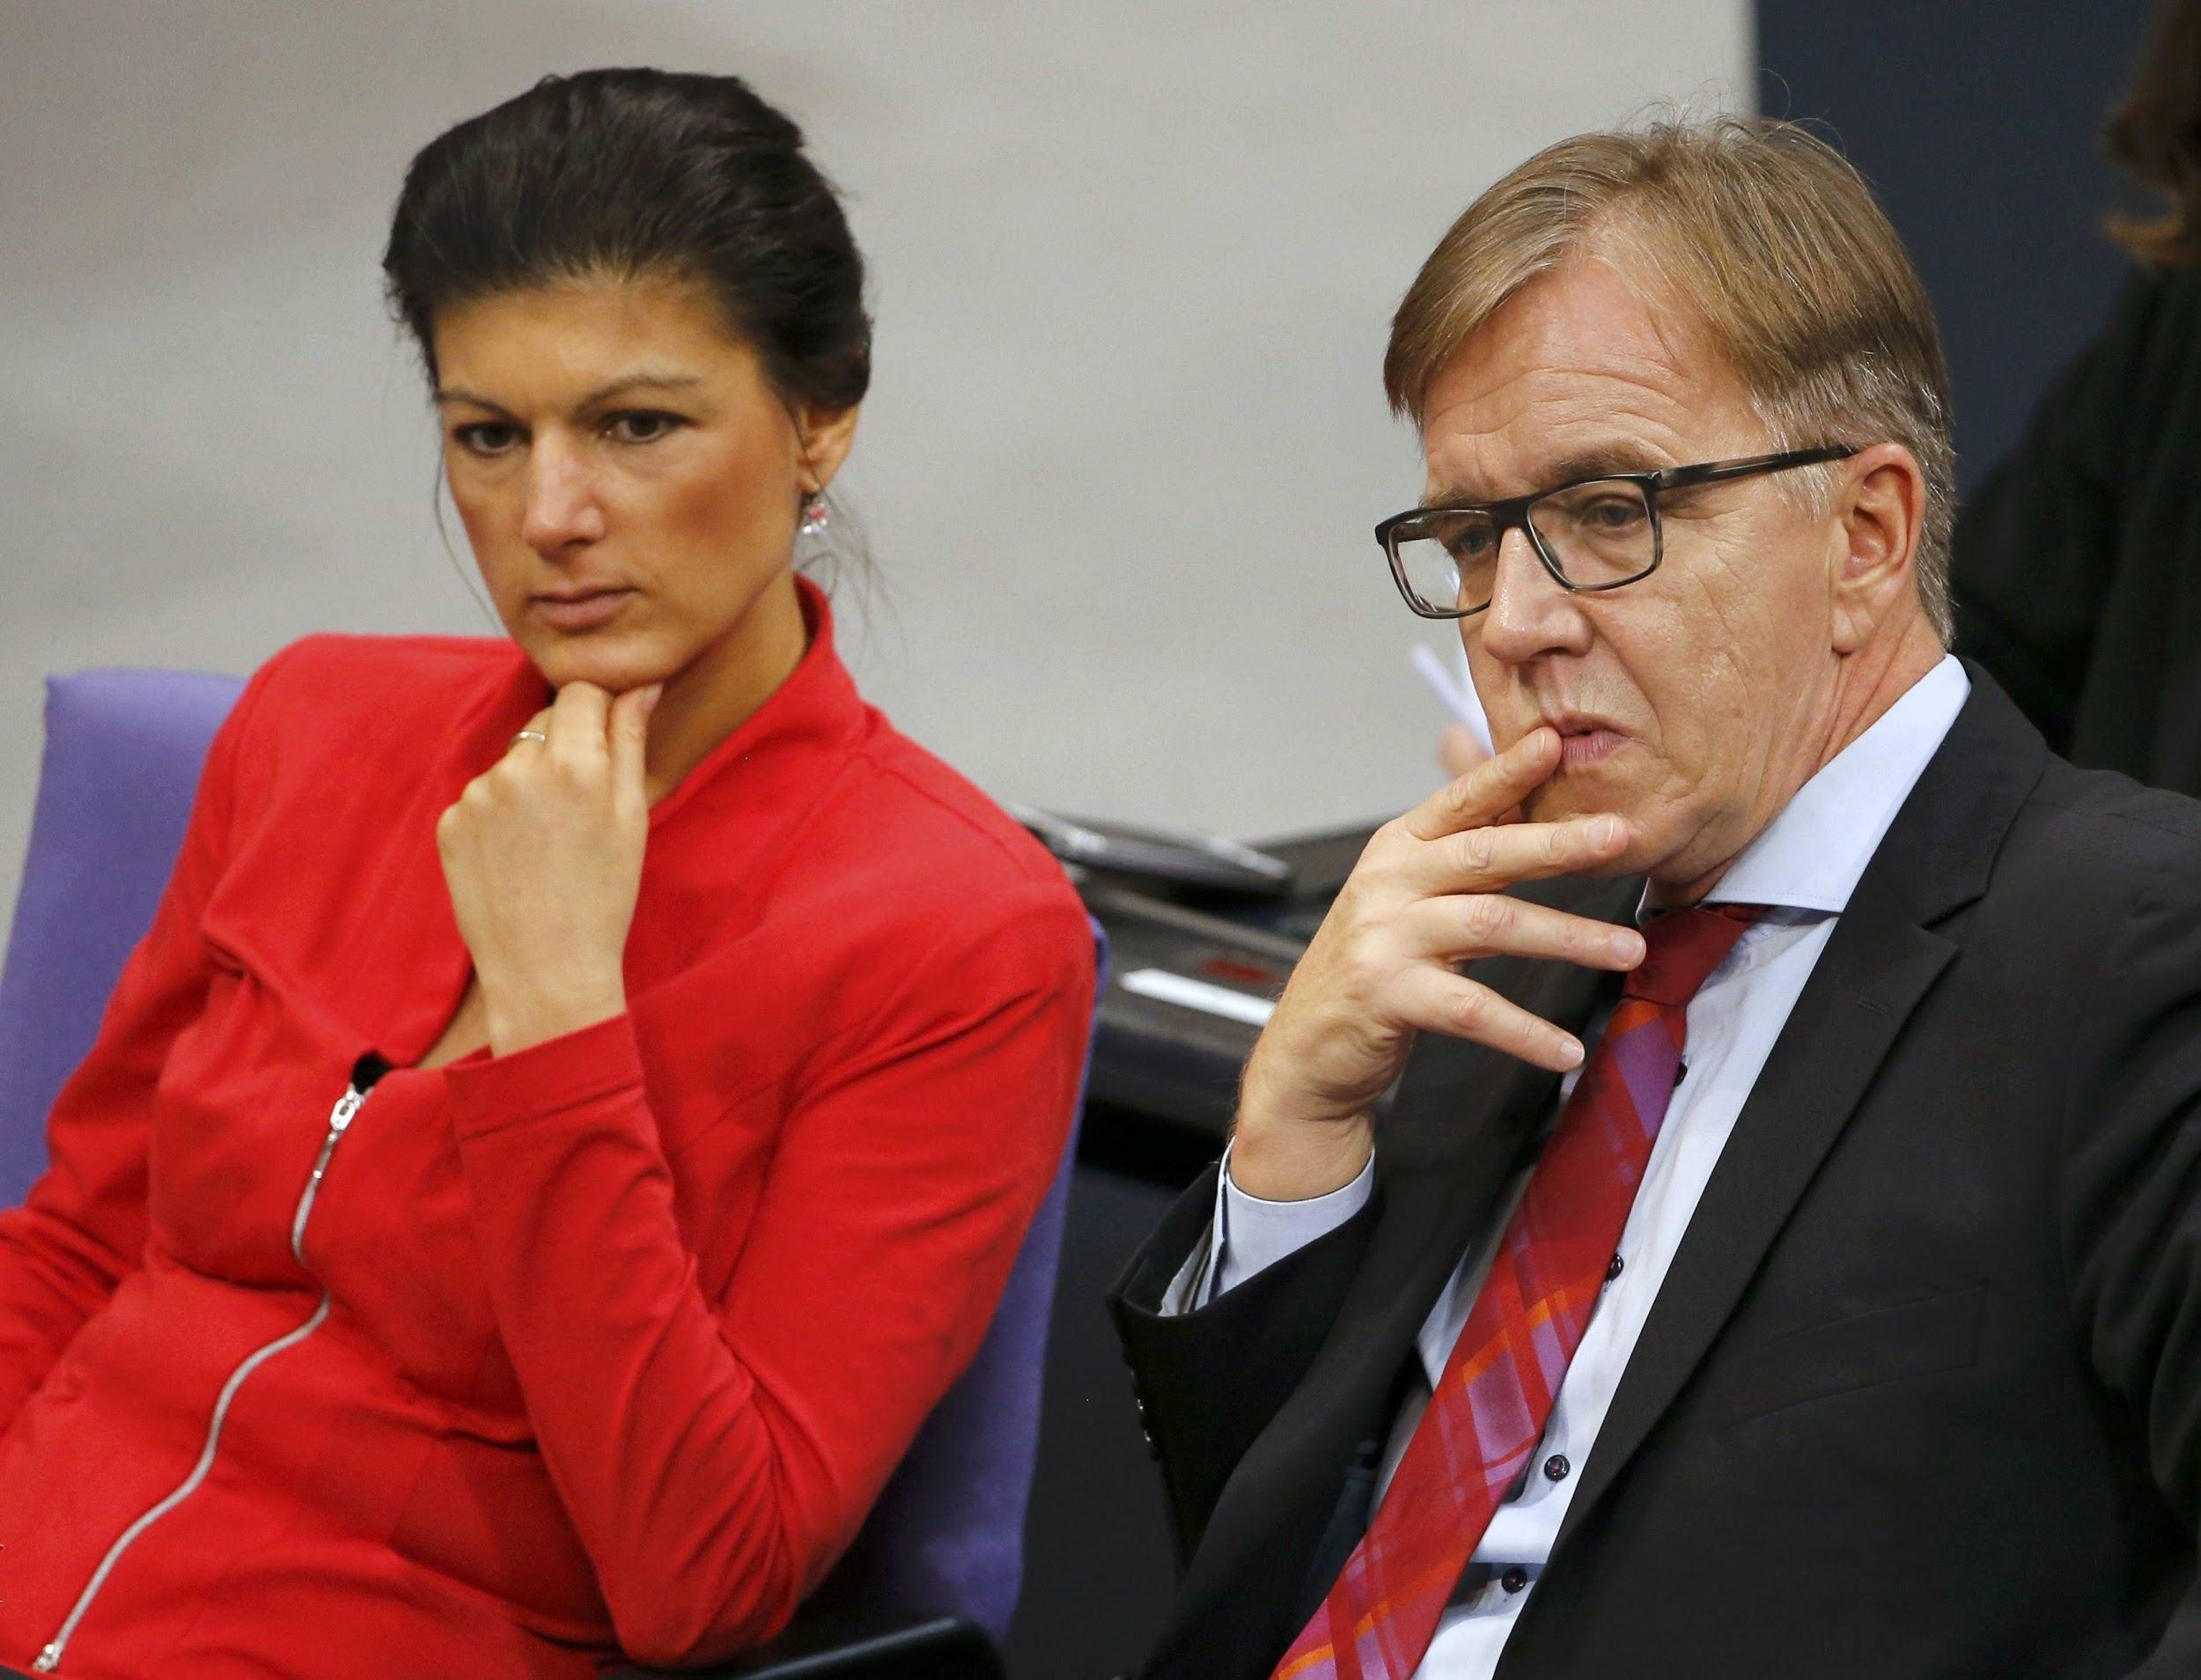 Сара Вагенкнехт і Дітмар Бартч — співголови Лівої фракції в Бундестазі. В німецькій політиці парламентські фракції представляють доволі автономні структури і мають власне керівництво, що може не співпадати з керівництвом партії. Втім, у Лівих орієнтація на плюральність діє і тут. Двоє співголів компромісно представляють різні партійні крила, як і співголови партії.